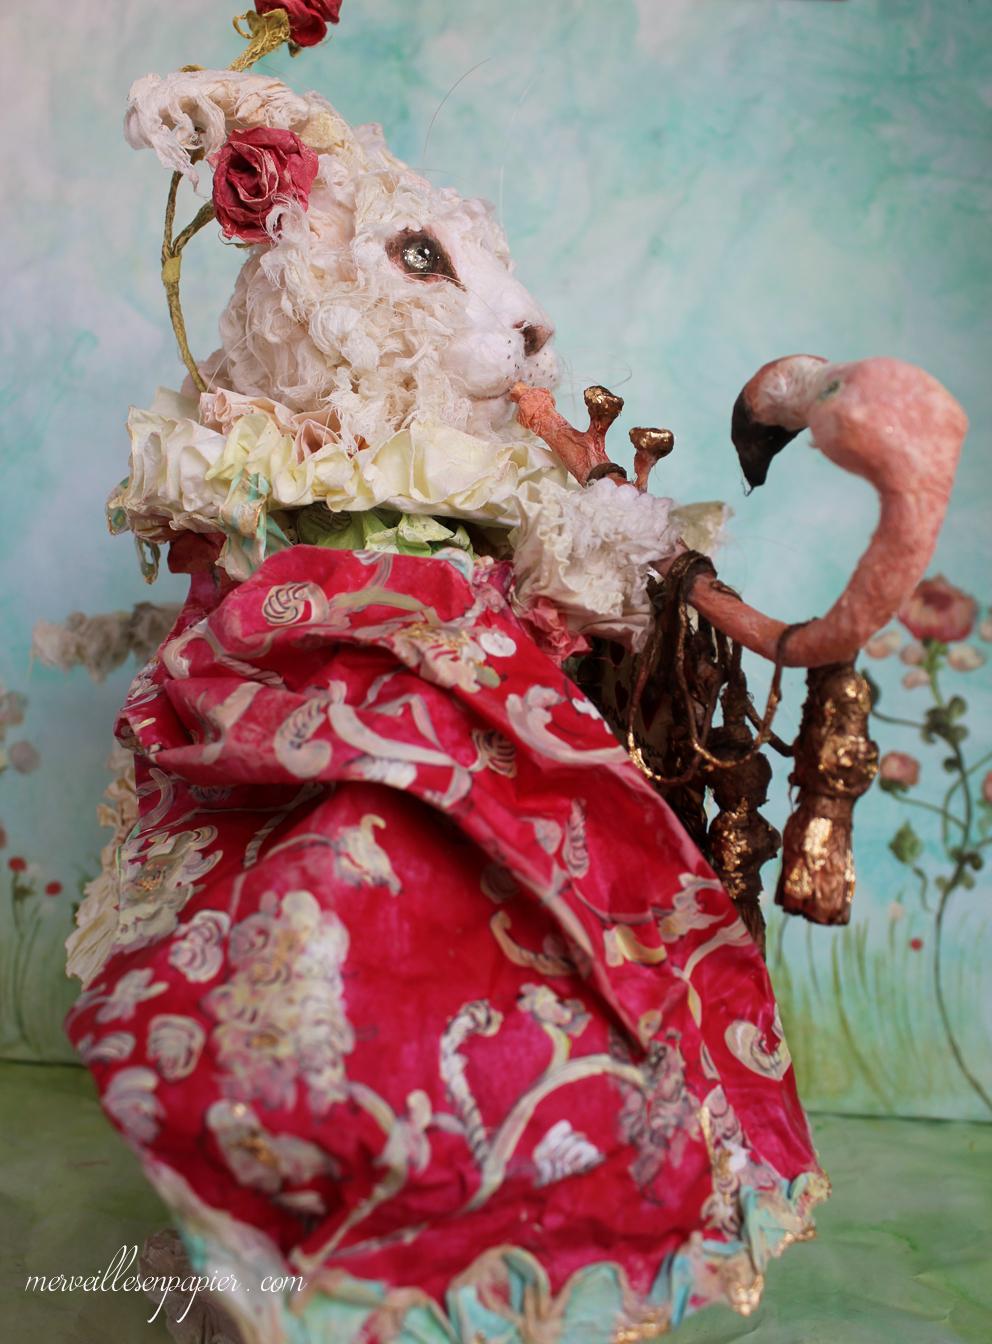 lapin-blanc-alice-au-pays-des-merveilles--1.jpg